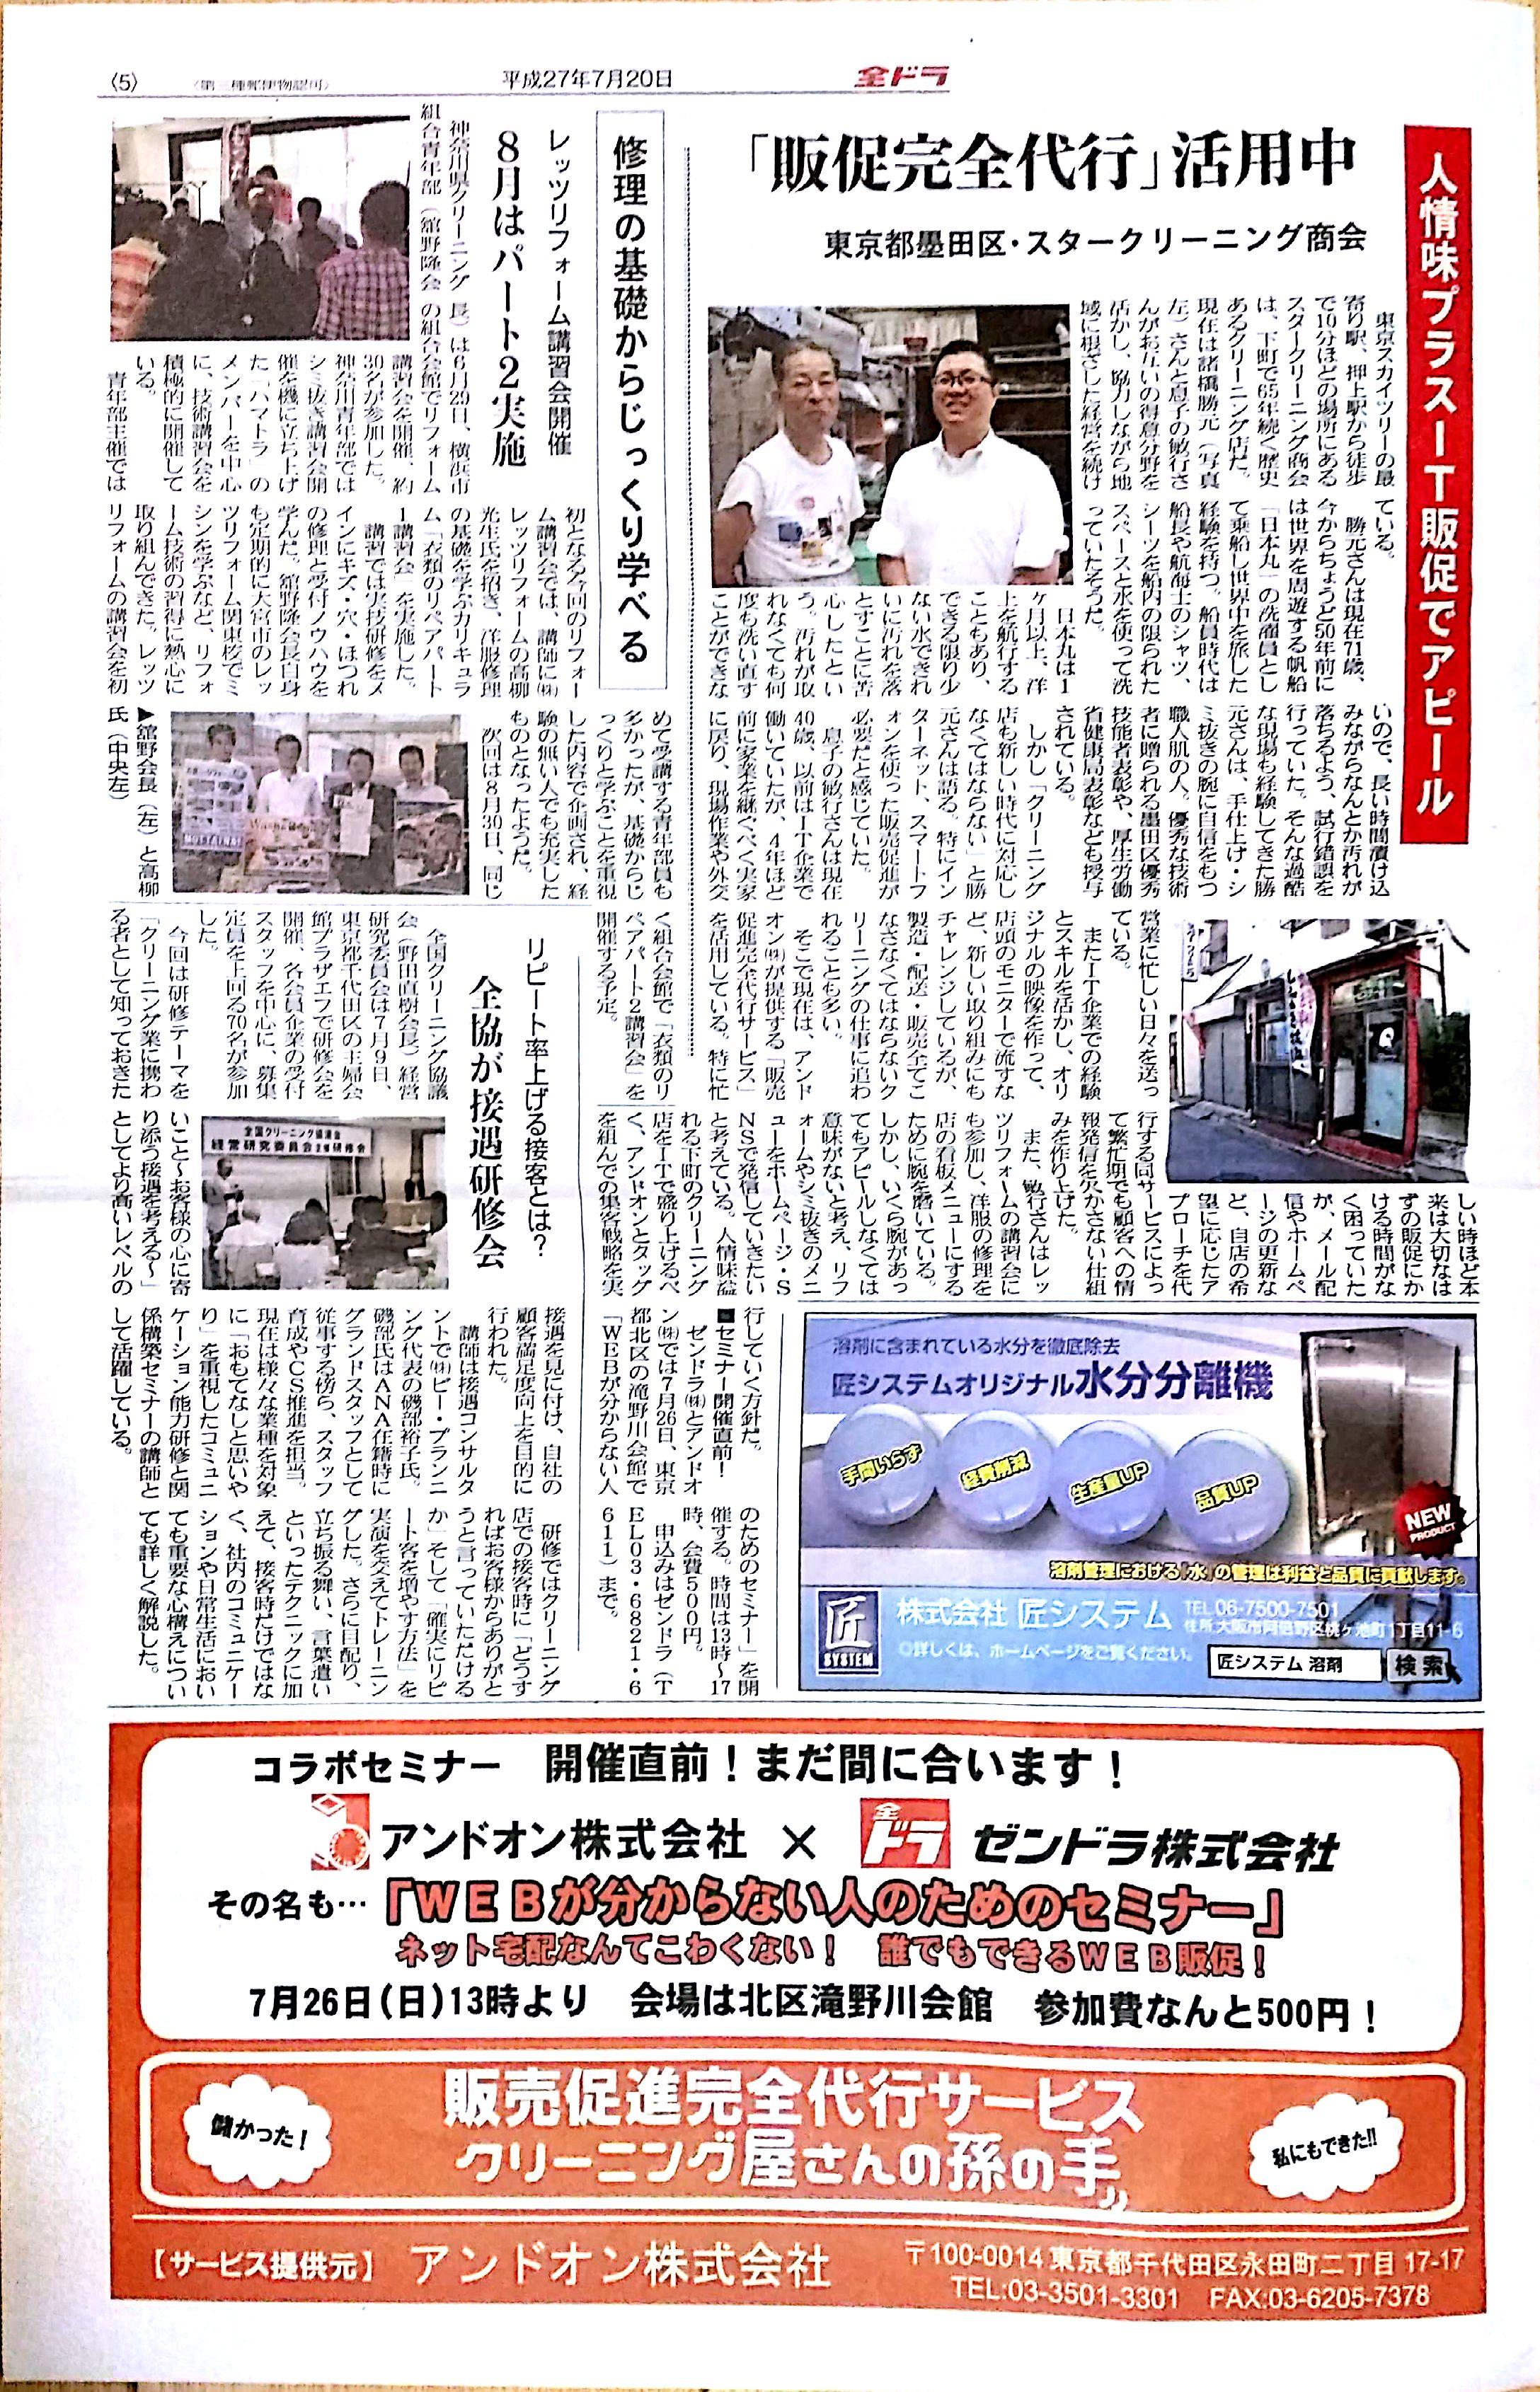 墨田区 スタークリーニング商会 押上駅 墨田区文花 新聞